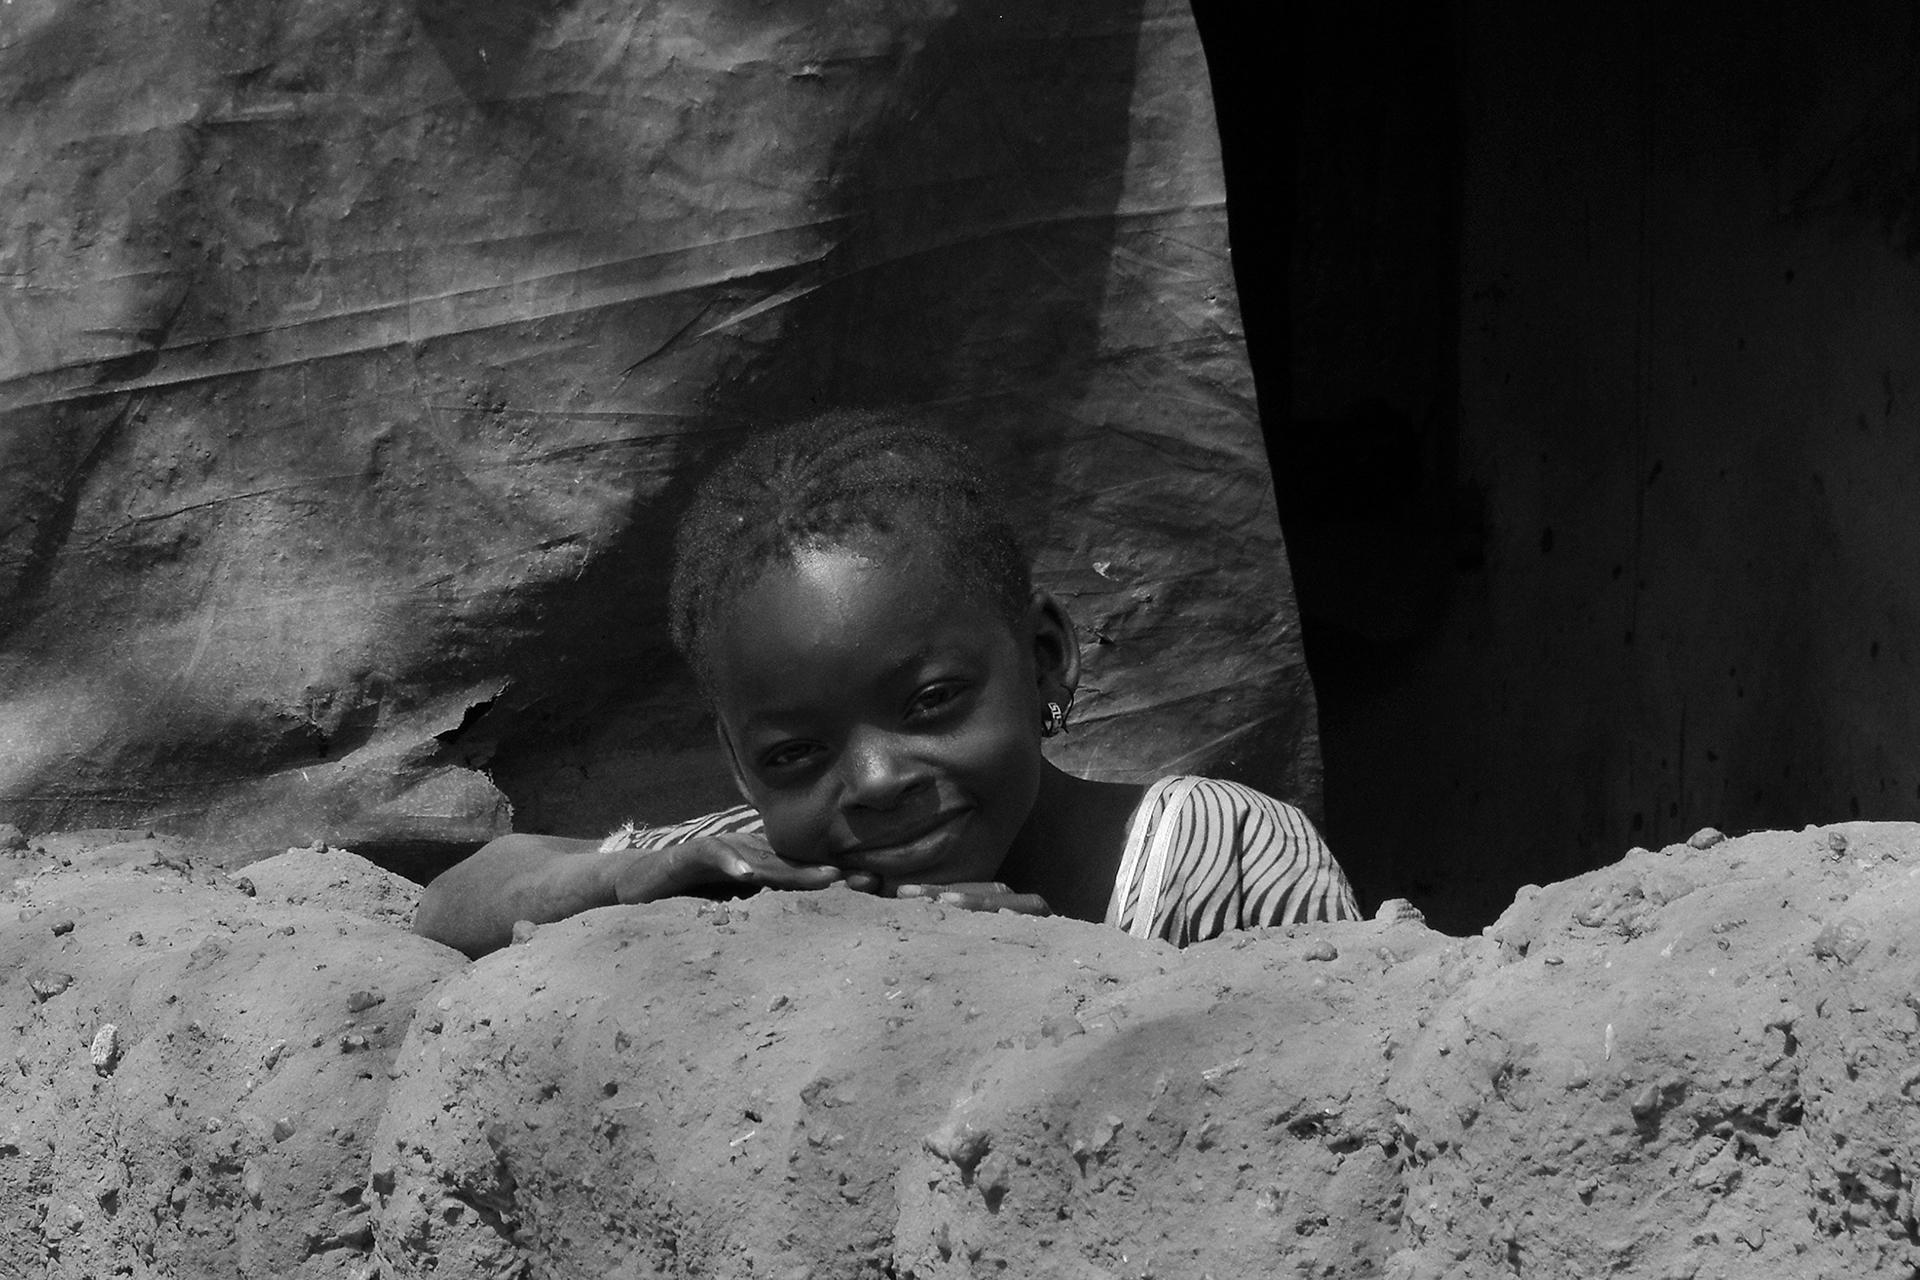 Sourire, gentil sourire. 2014, KOUMI, région de BOBO DIOULASSO, Burkina Faso